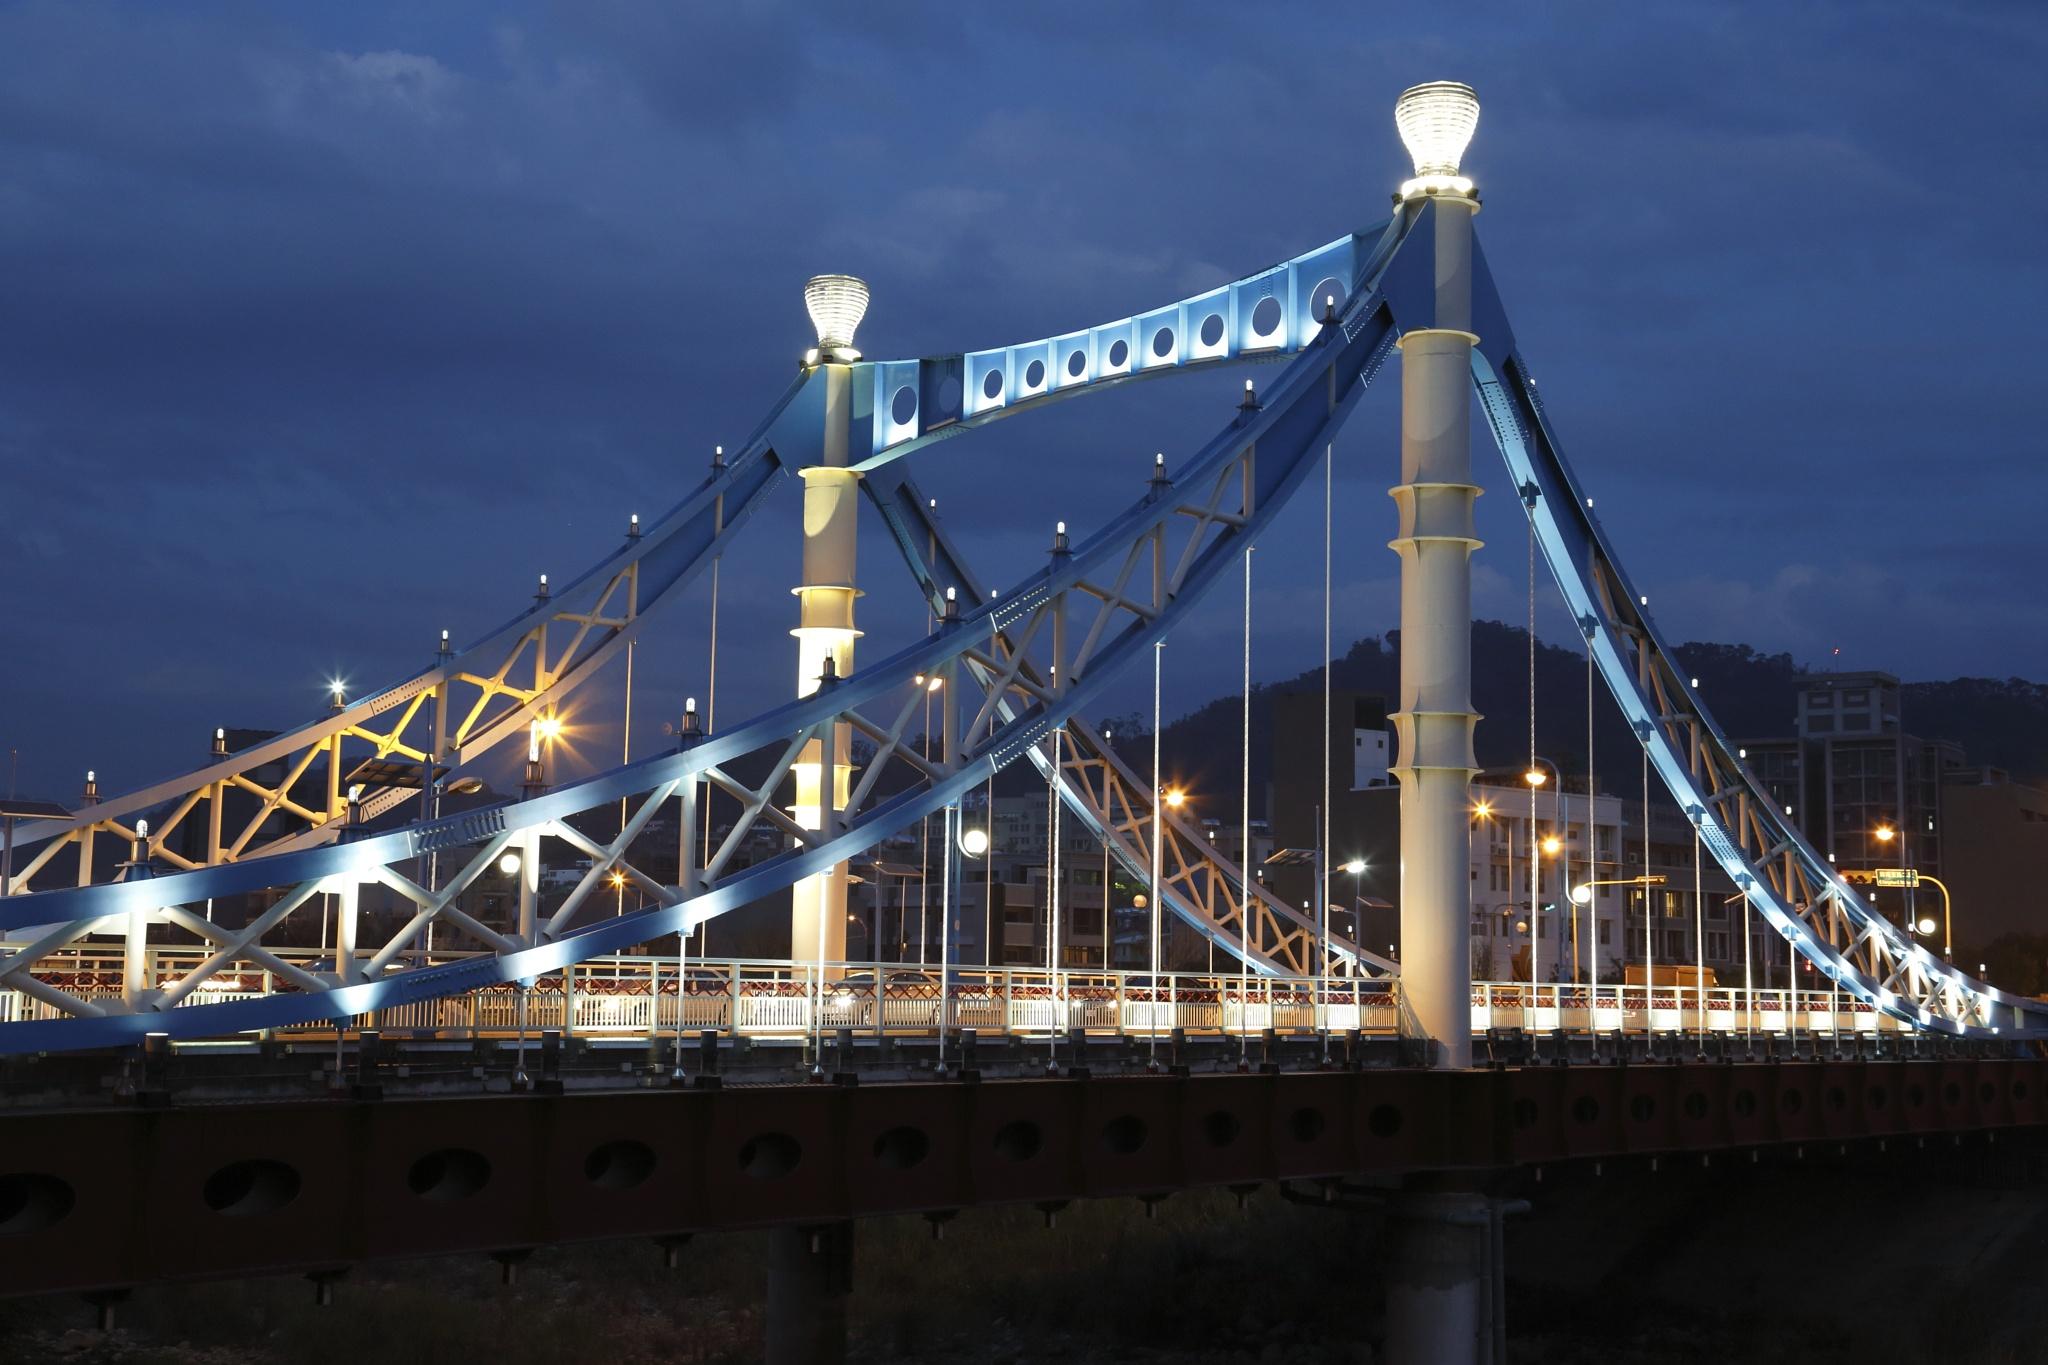 BRIDGE by chaoyang chan